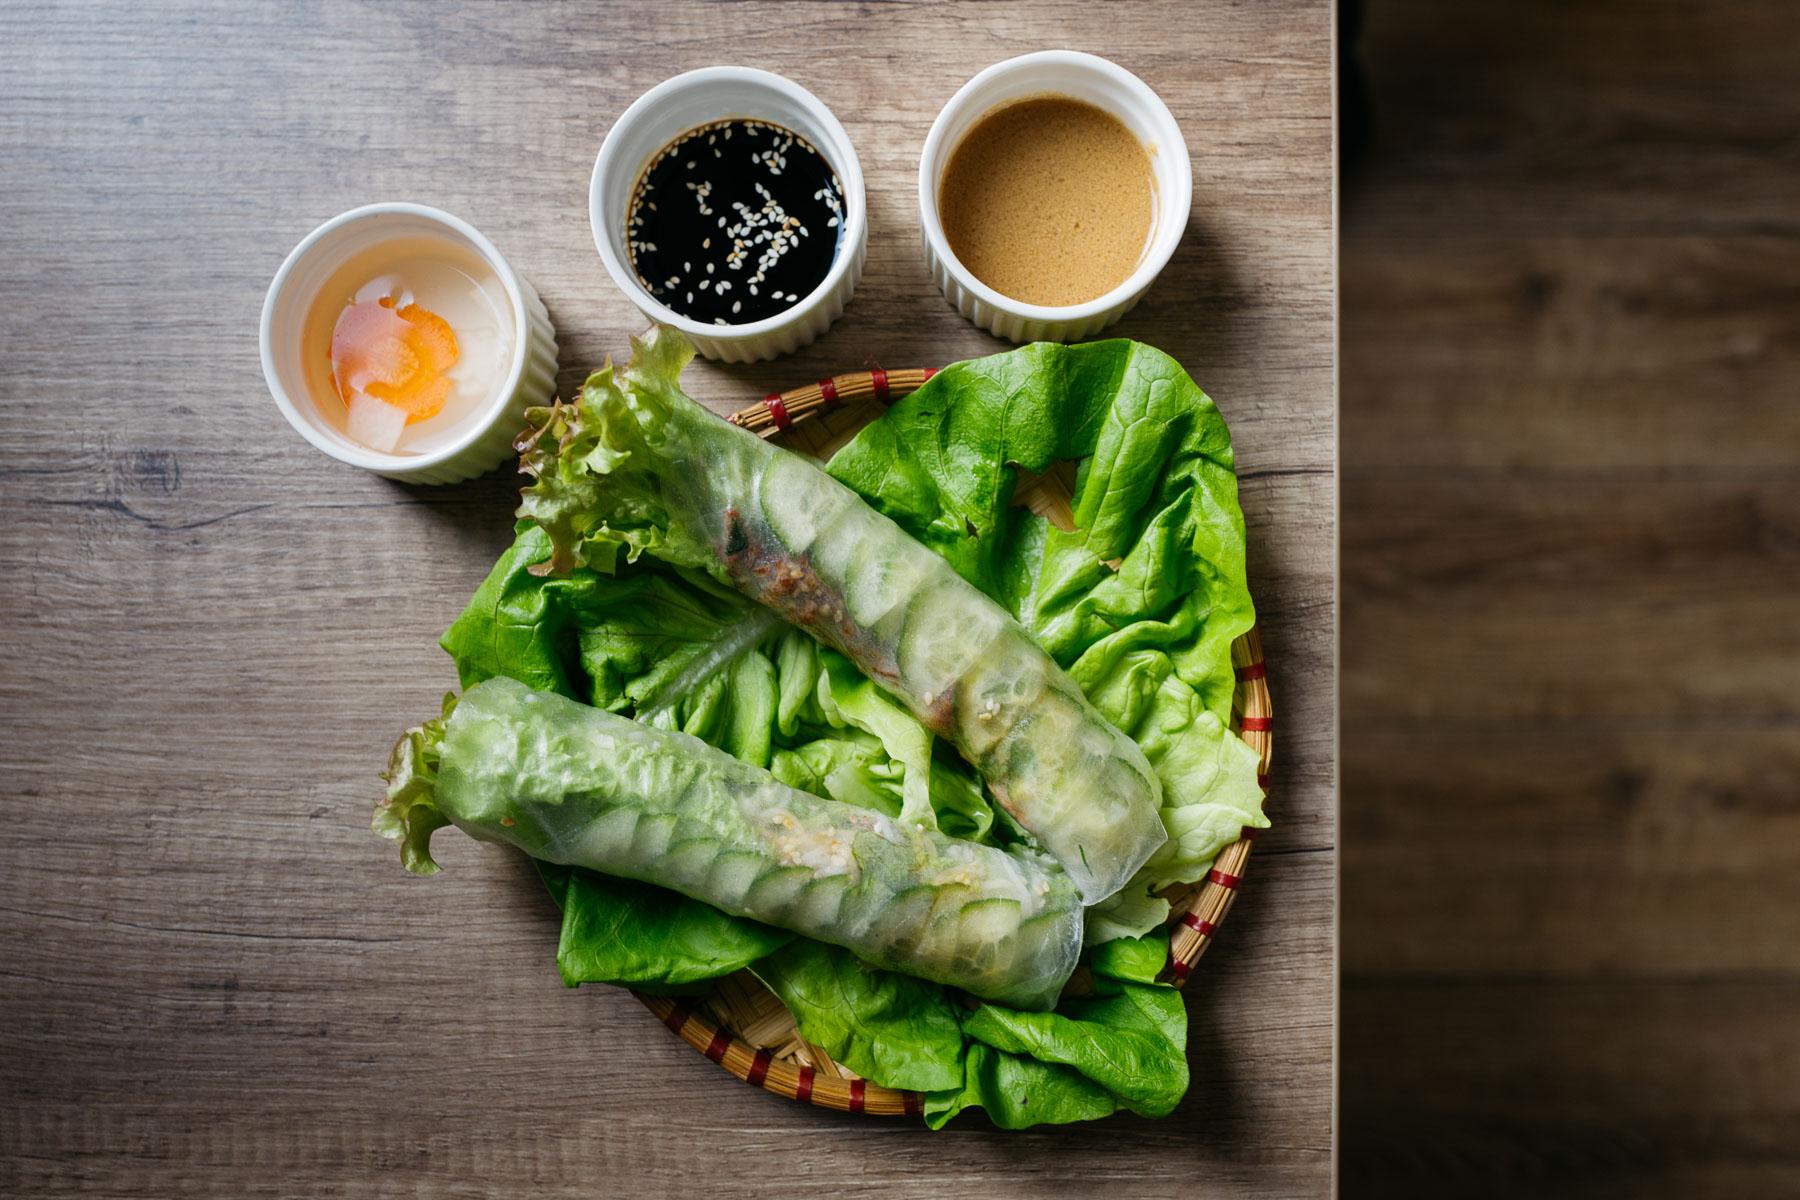 spring rollsy (wołowina, sezam)